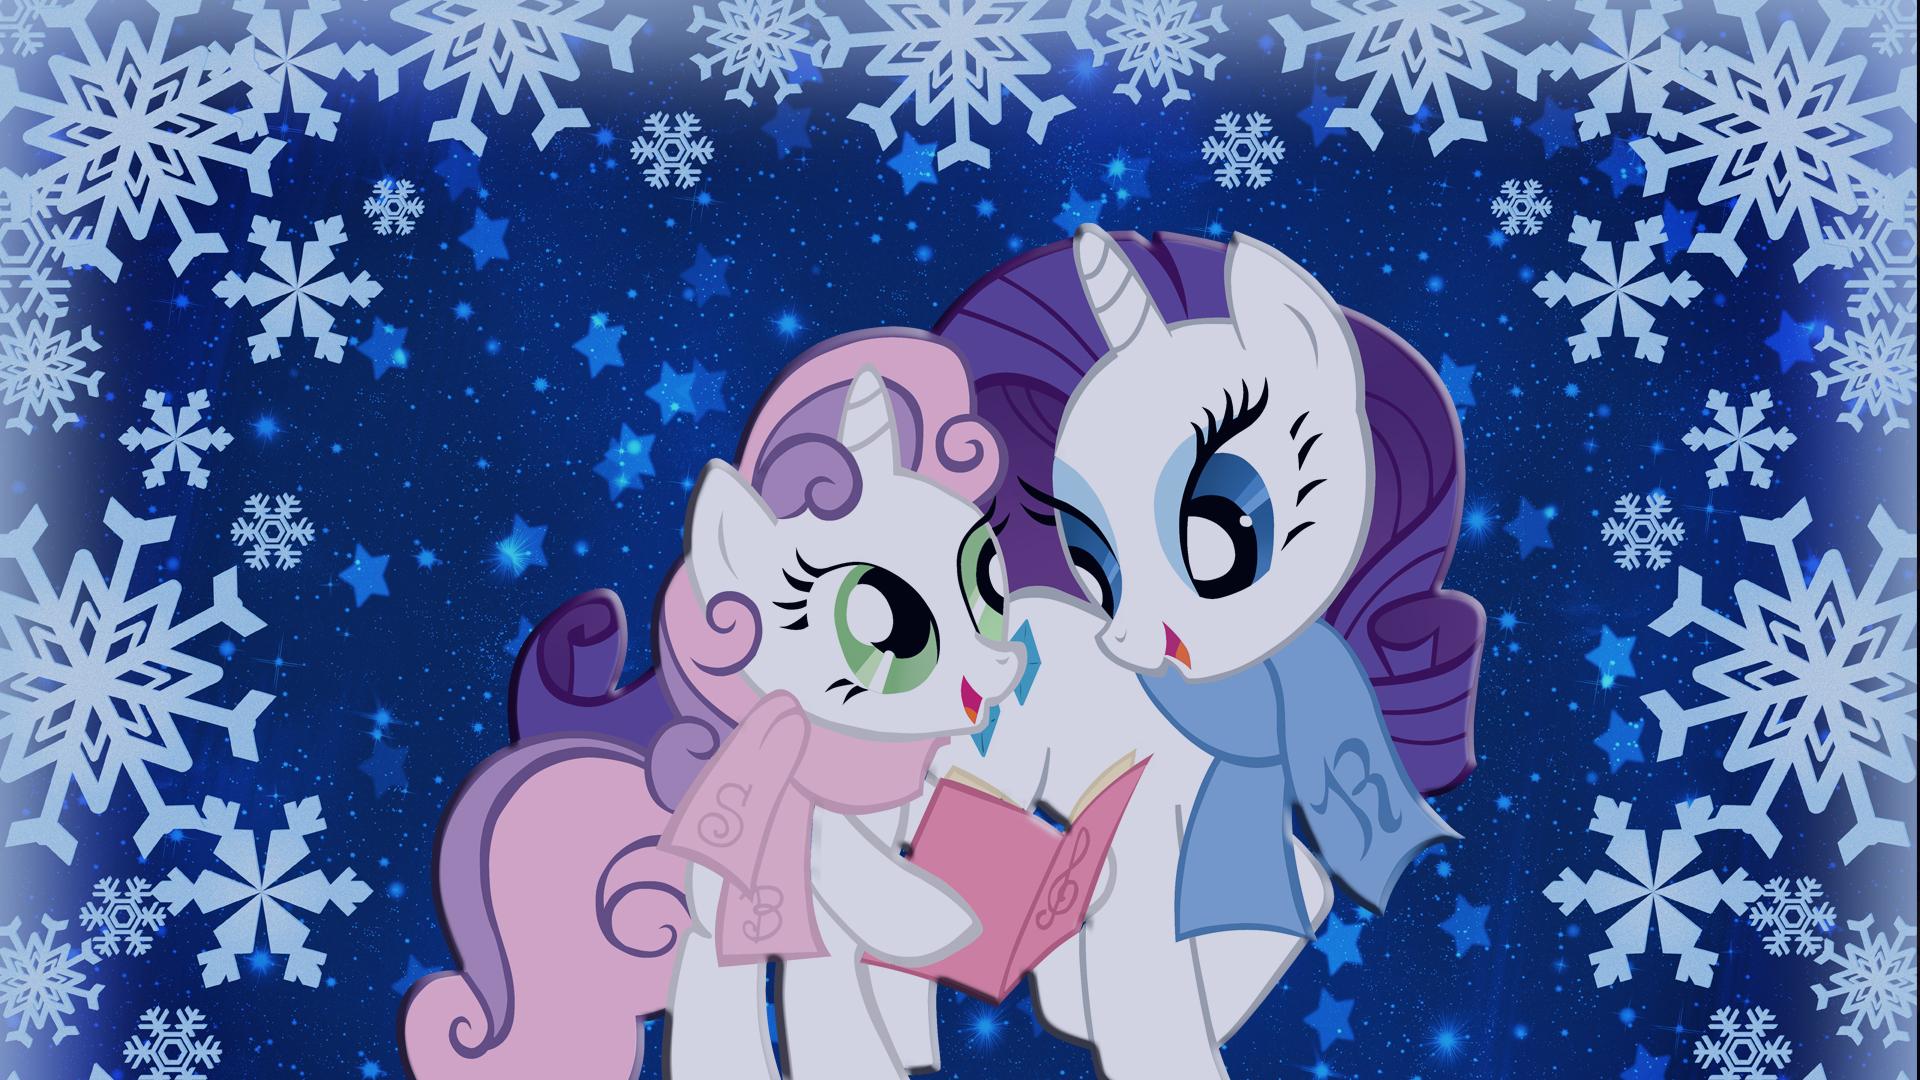 Sisters Caroling